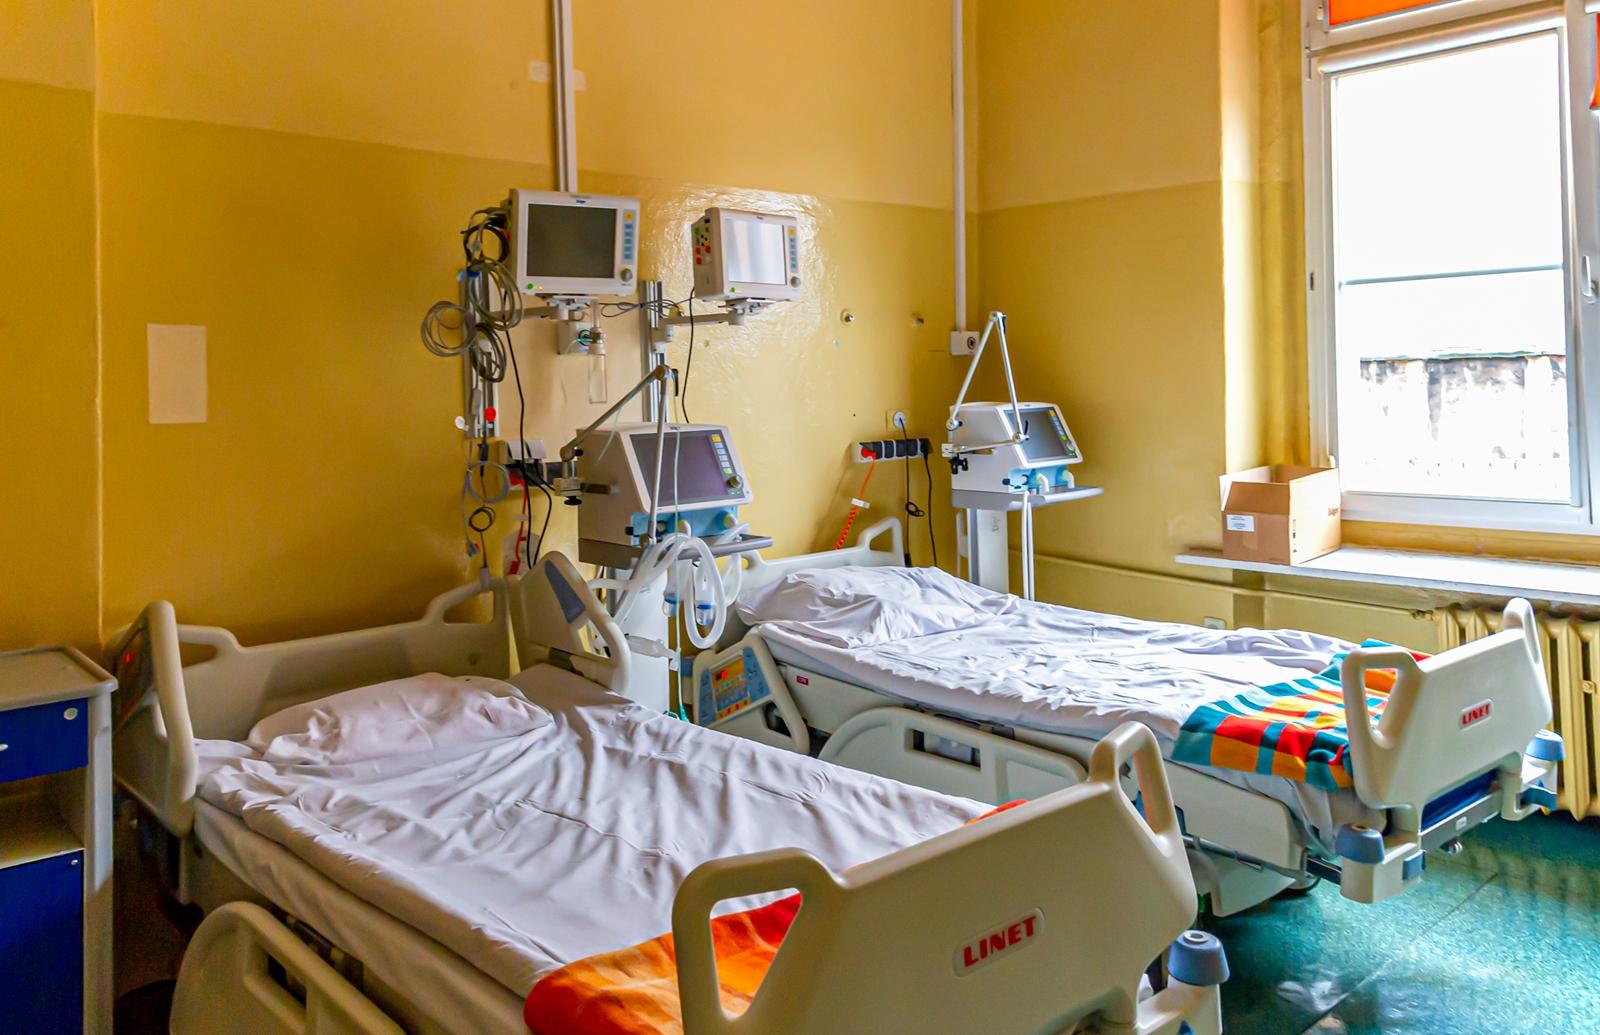 przygotowania do leczenia montażu do leczenia)